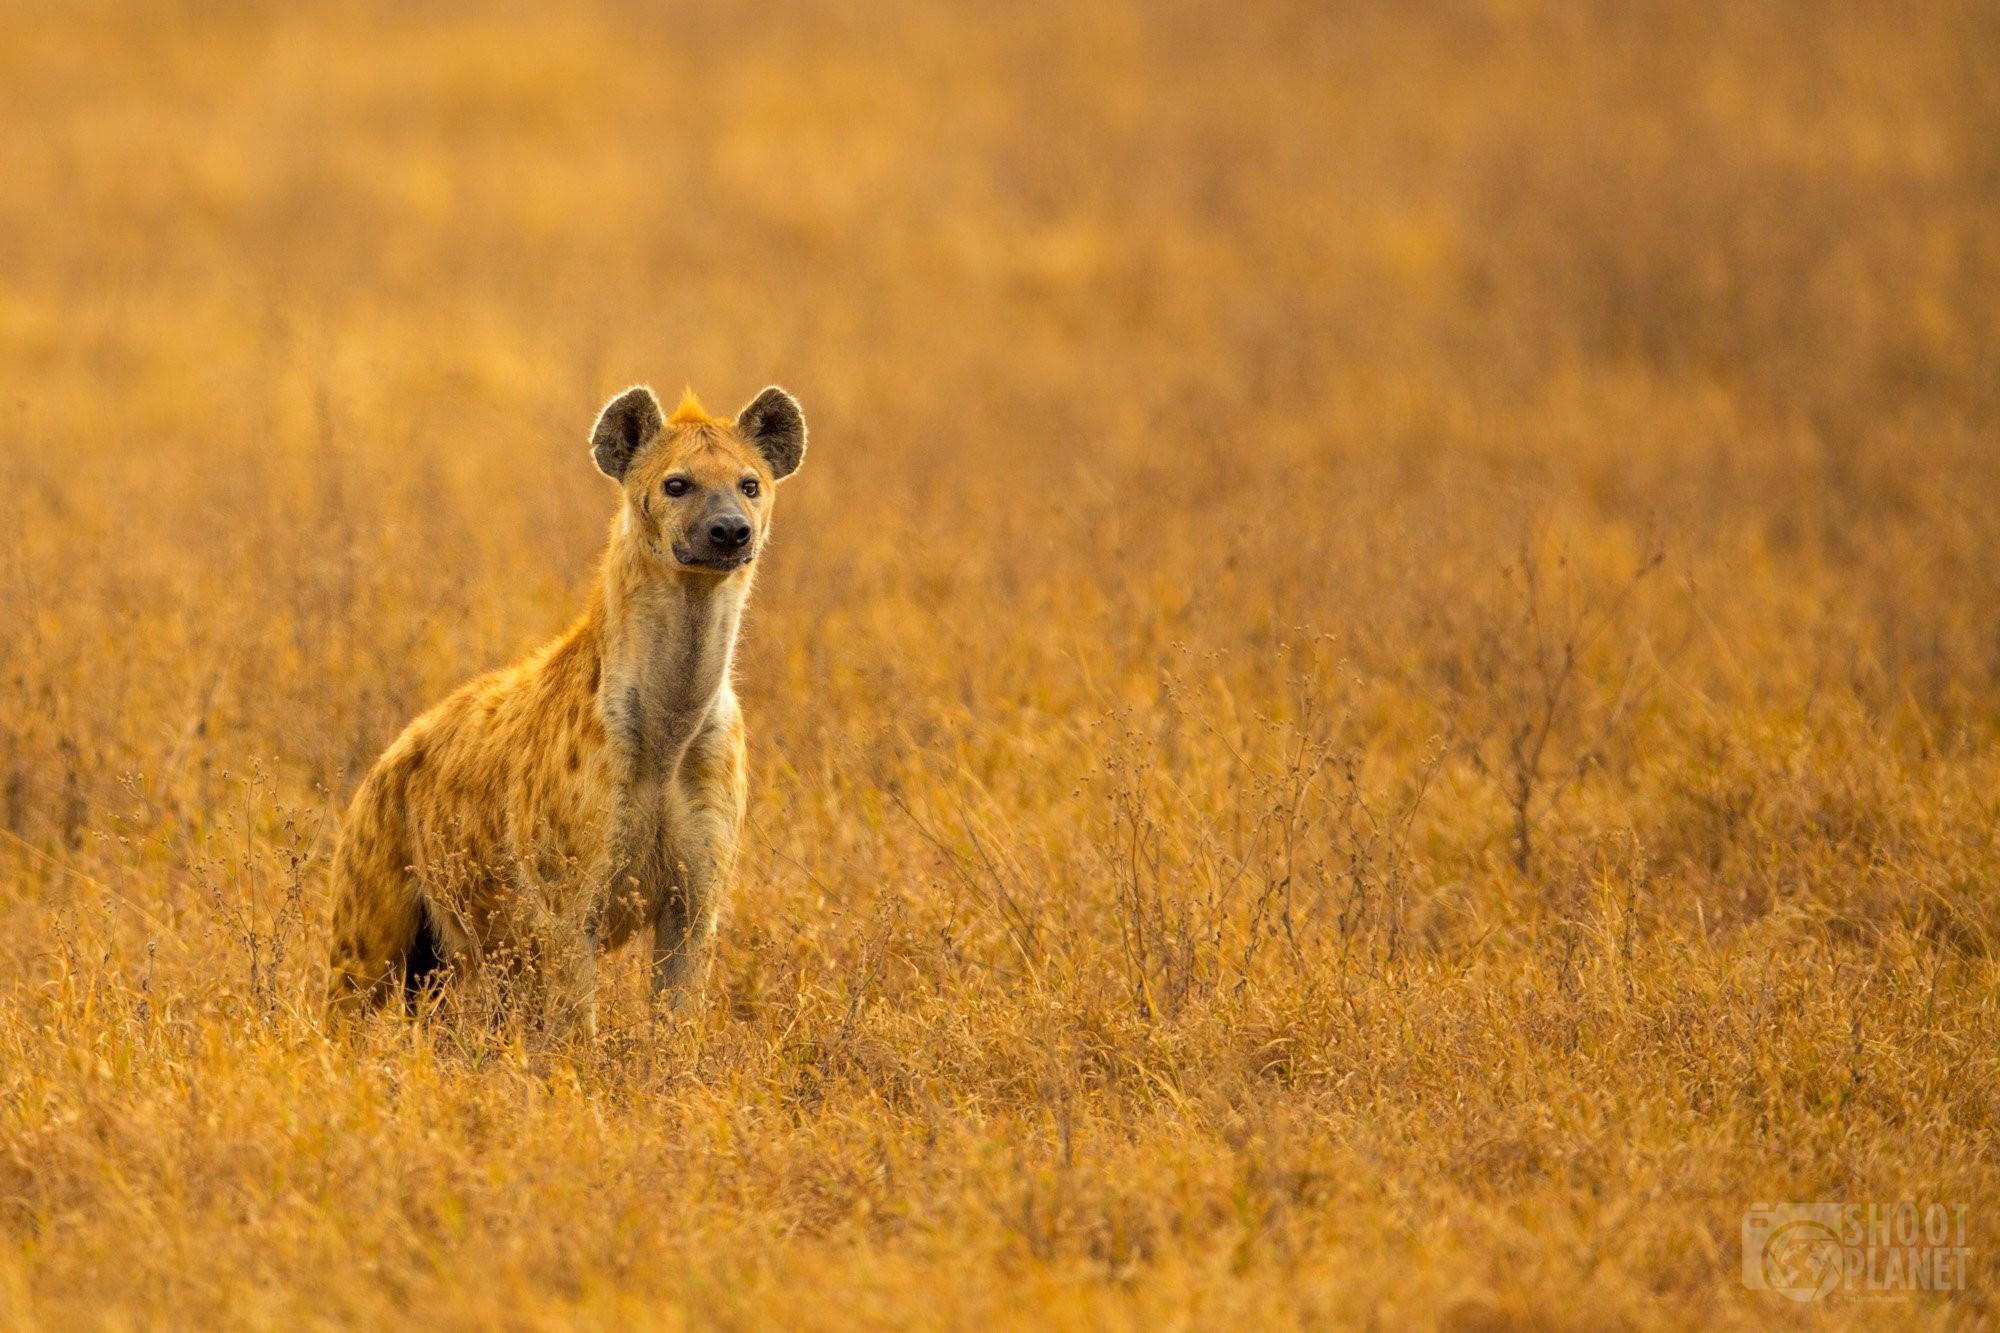 Spotted hyena, Ngorongoro caldera, Tanzania